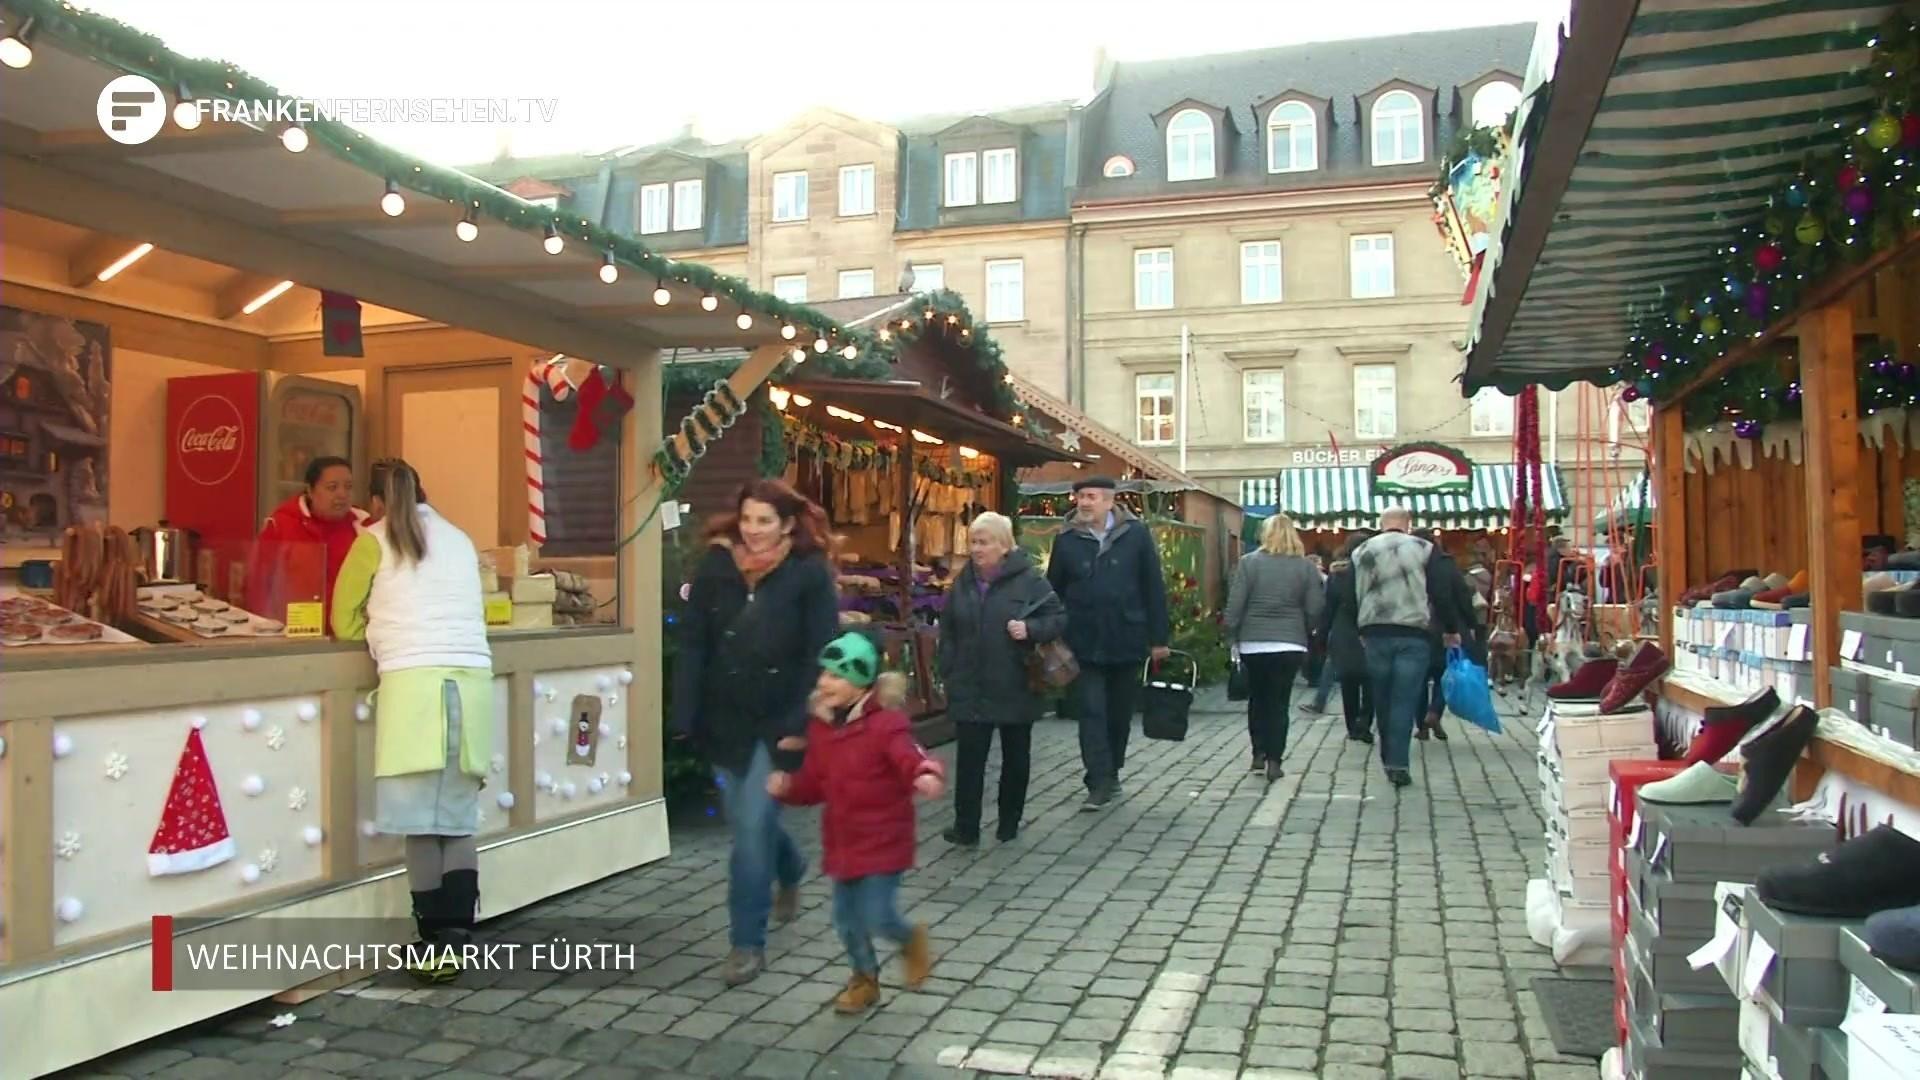 Weihnachtsmarkt Fürth.Impressionen Vom Fürther Weihnachtsmarkt Franken Fernsehen